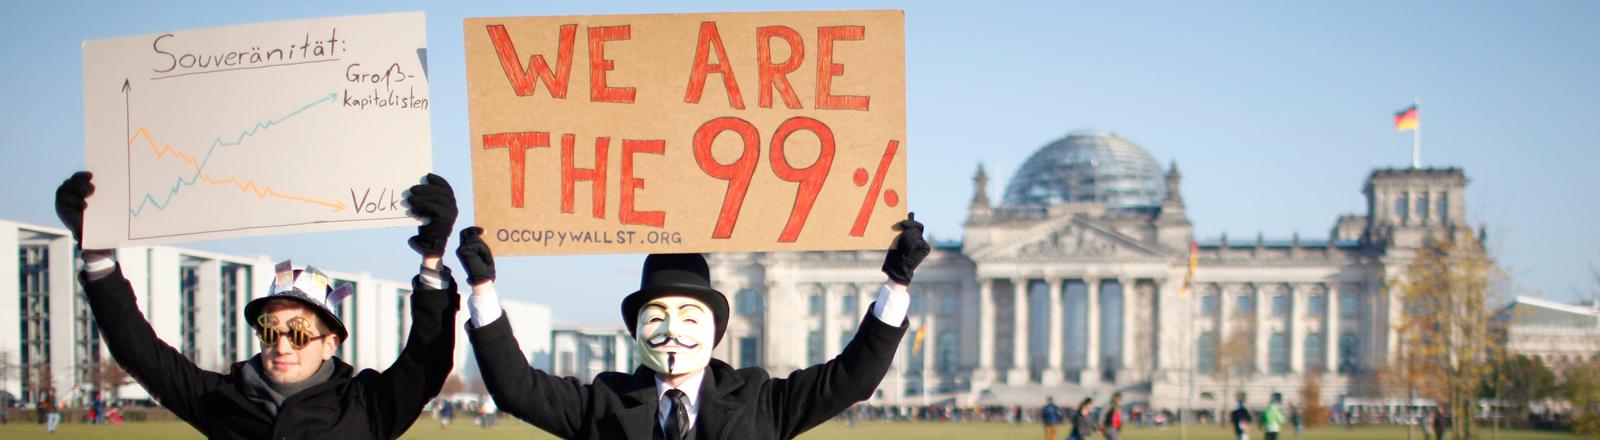 """Zwei Demonstranten halten Schilder mit der Aufschrift """"We are the 99%"""" und einer Grafik mit Kapitalismuskritik in die Luft. Im Hintergrund ist der Bundestag zu sehen; Bild: dpa"""